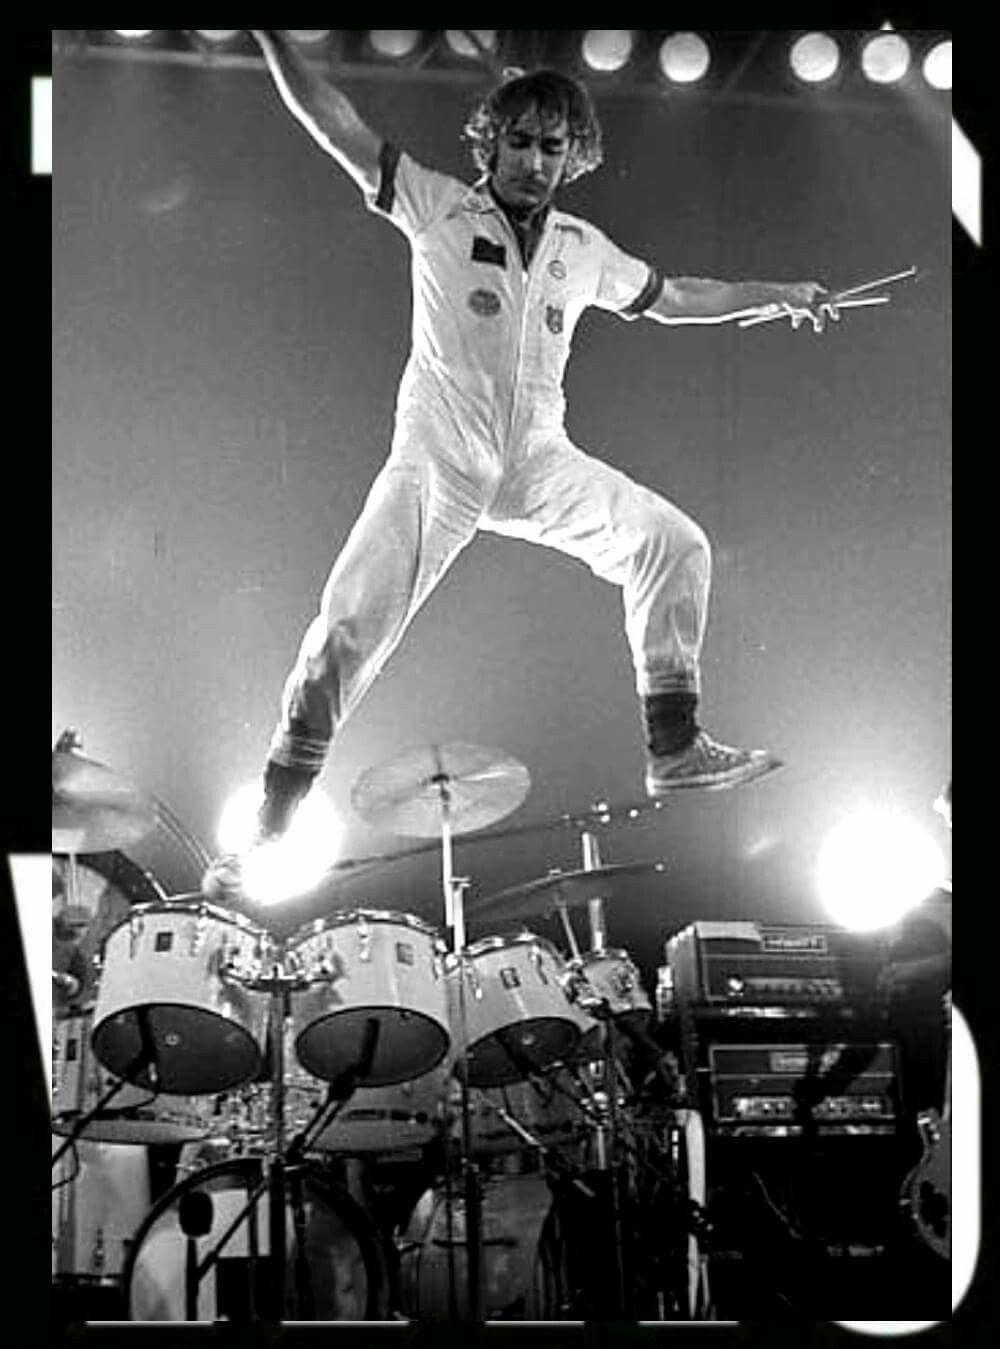 e83dd64465bd8 Keith Moon - The Who